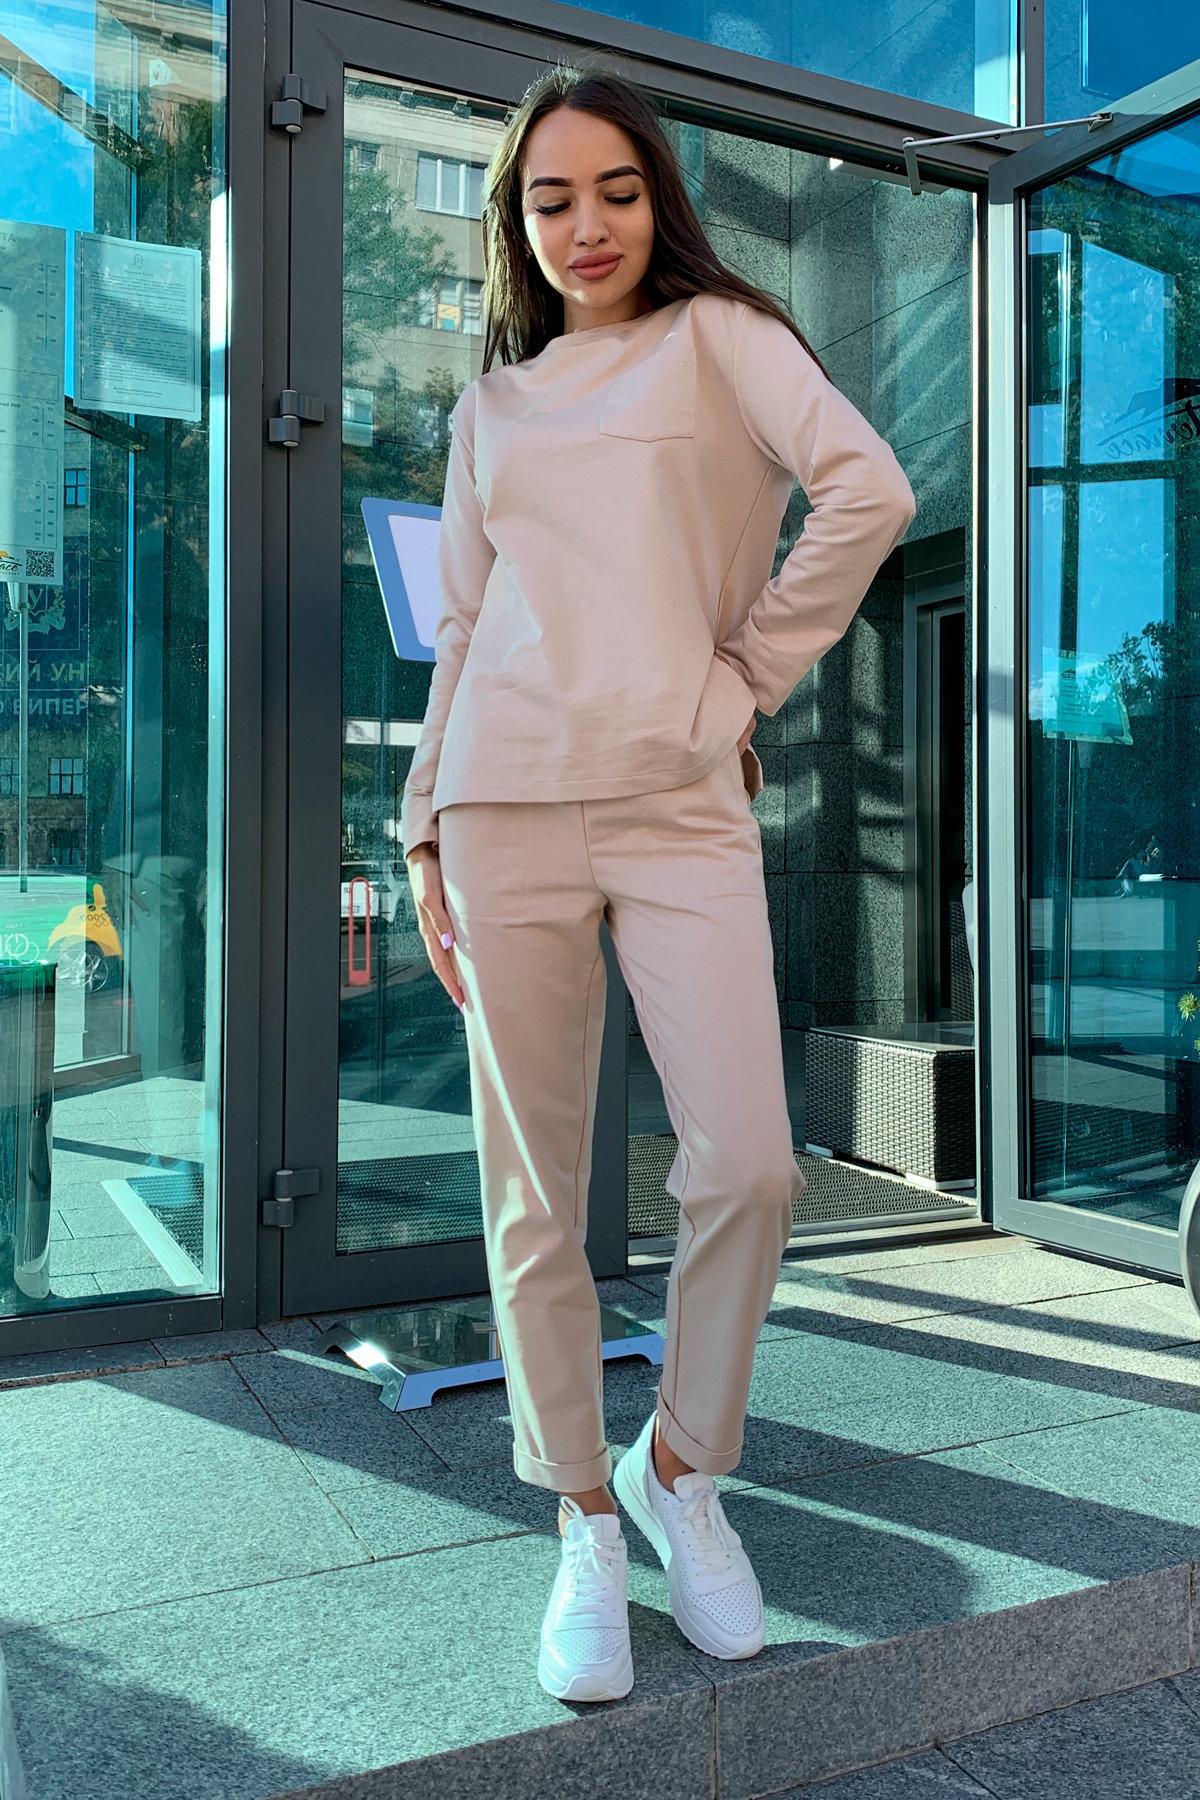 Мови  прогулочный костюм из трикотажа двунитка  9546 АРТ. 45876 Цвет: Бежевый - фото 3, интернет магазин tm-modus.ru